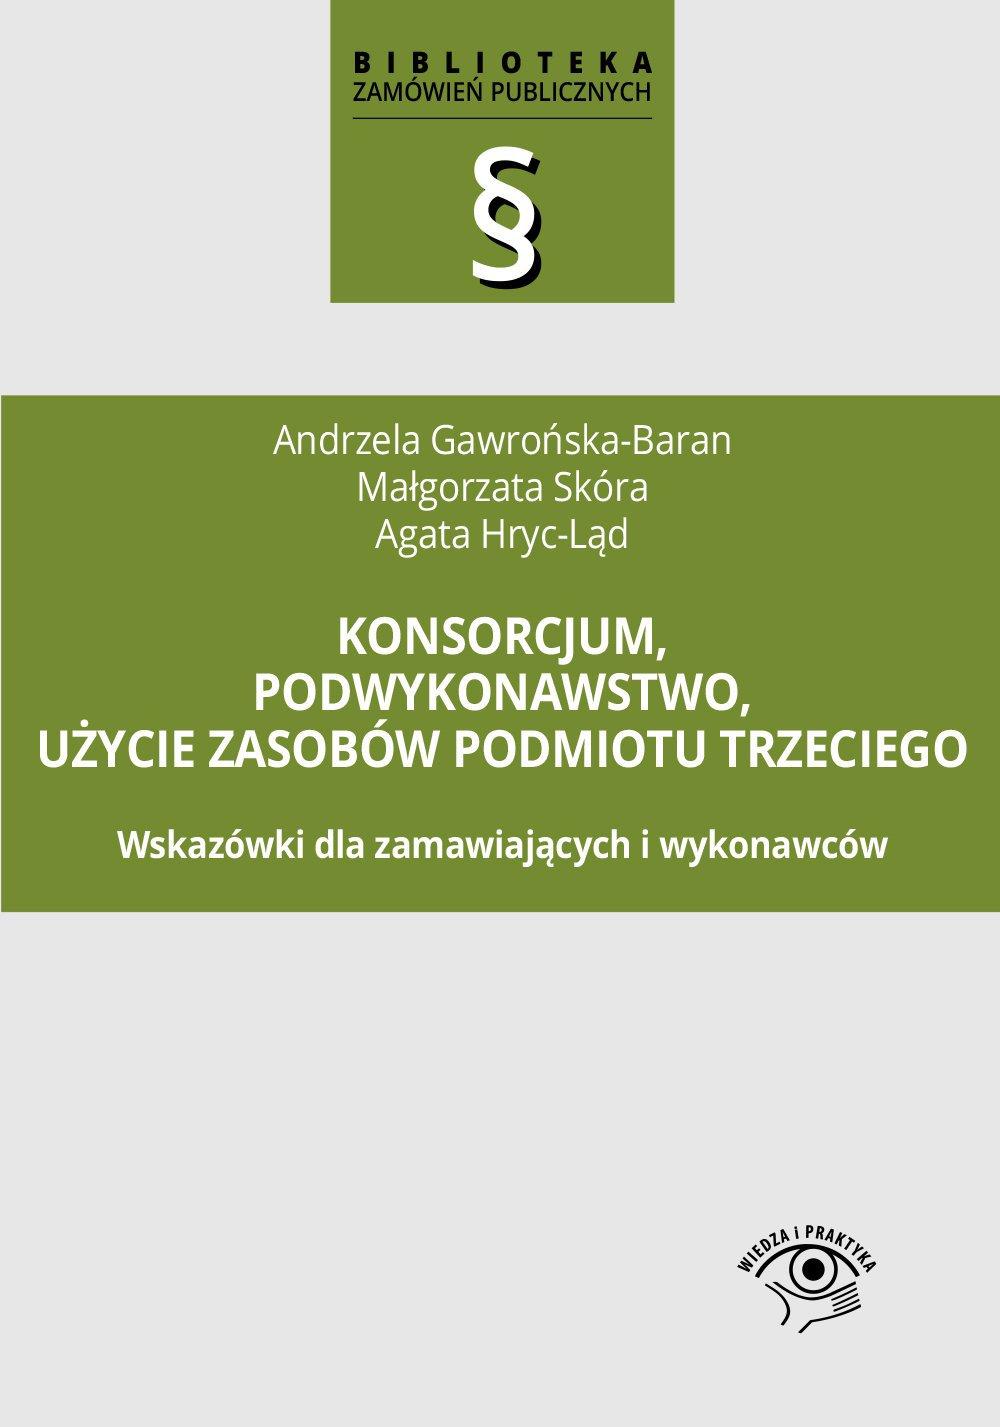 Konsorcjum, podwykonawstwo, użycie zasobów podmiotu trzeciego - Ebook (Książka PDF) do pobrania w formacie PDF